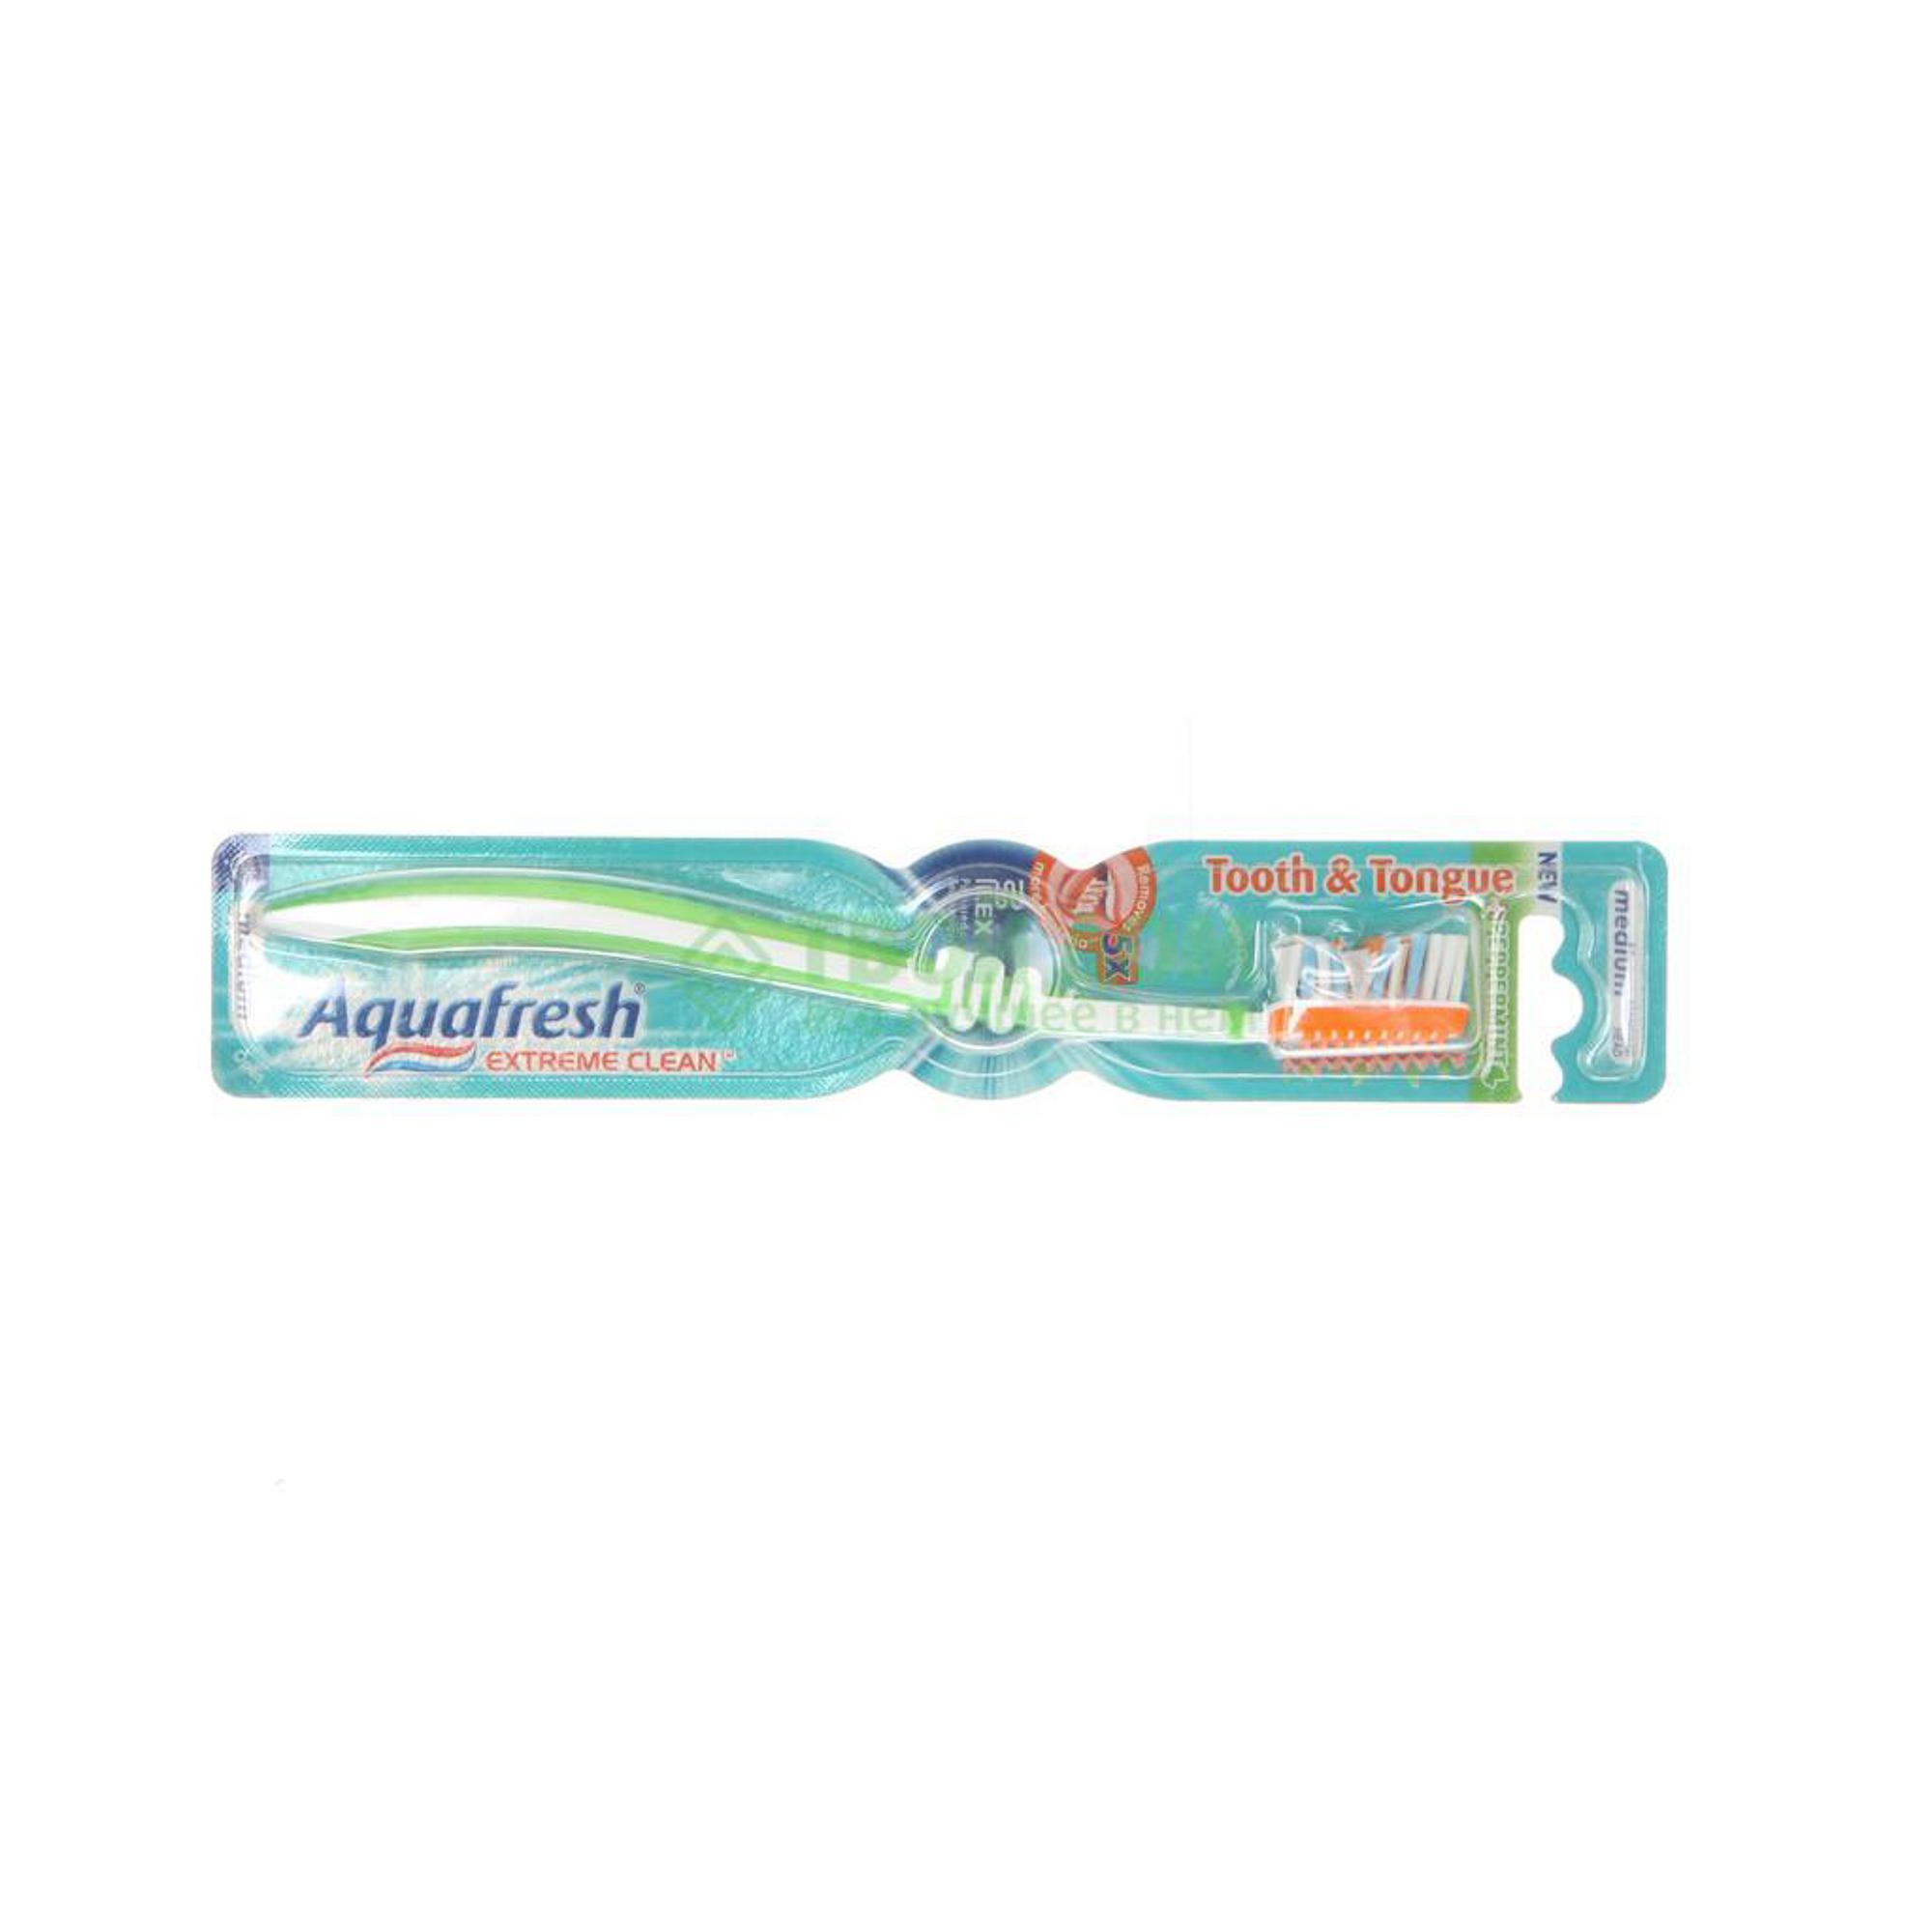 Зубная щетка Af экстрим клин интердентал (P37443SU2V) фото